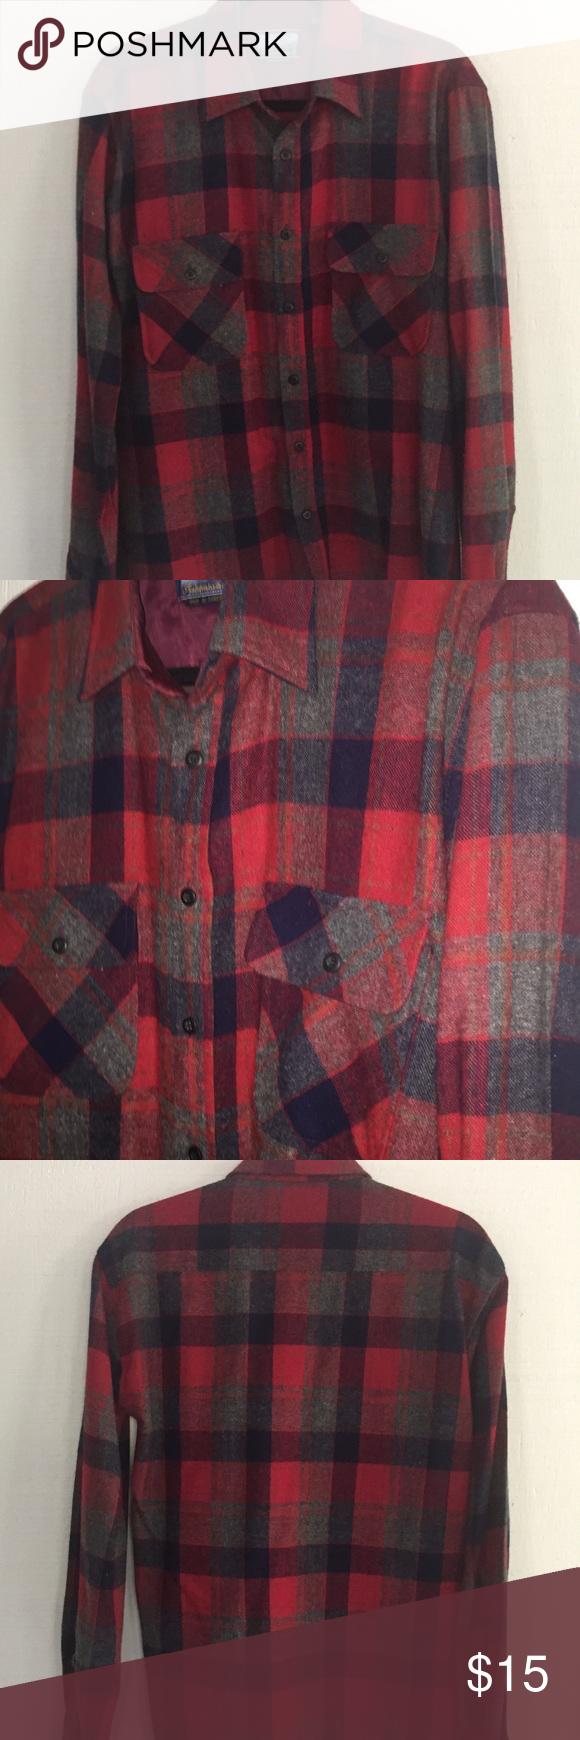 Fieldmaster wool blend plaid shirt. Size L. Fieldmaster